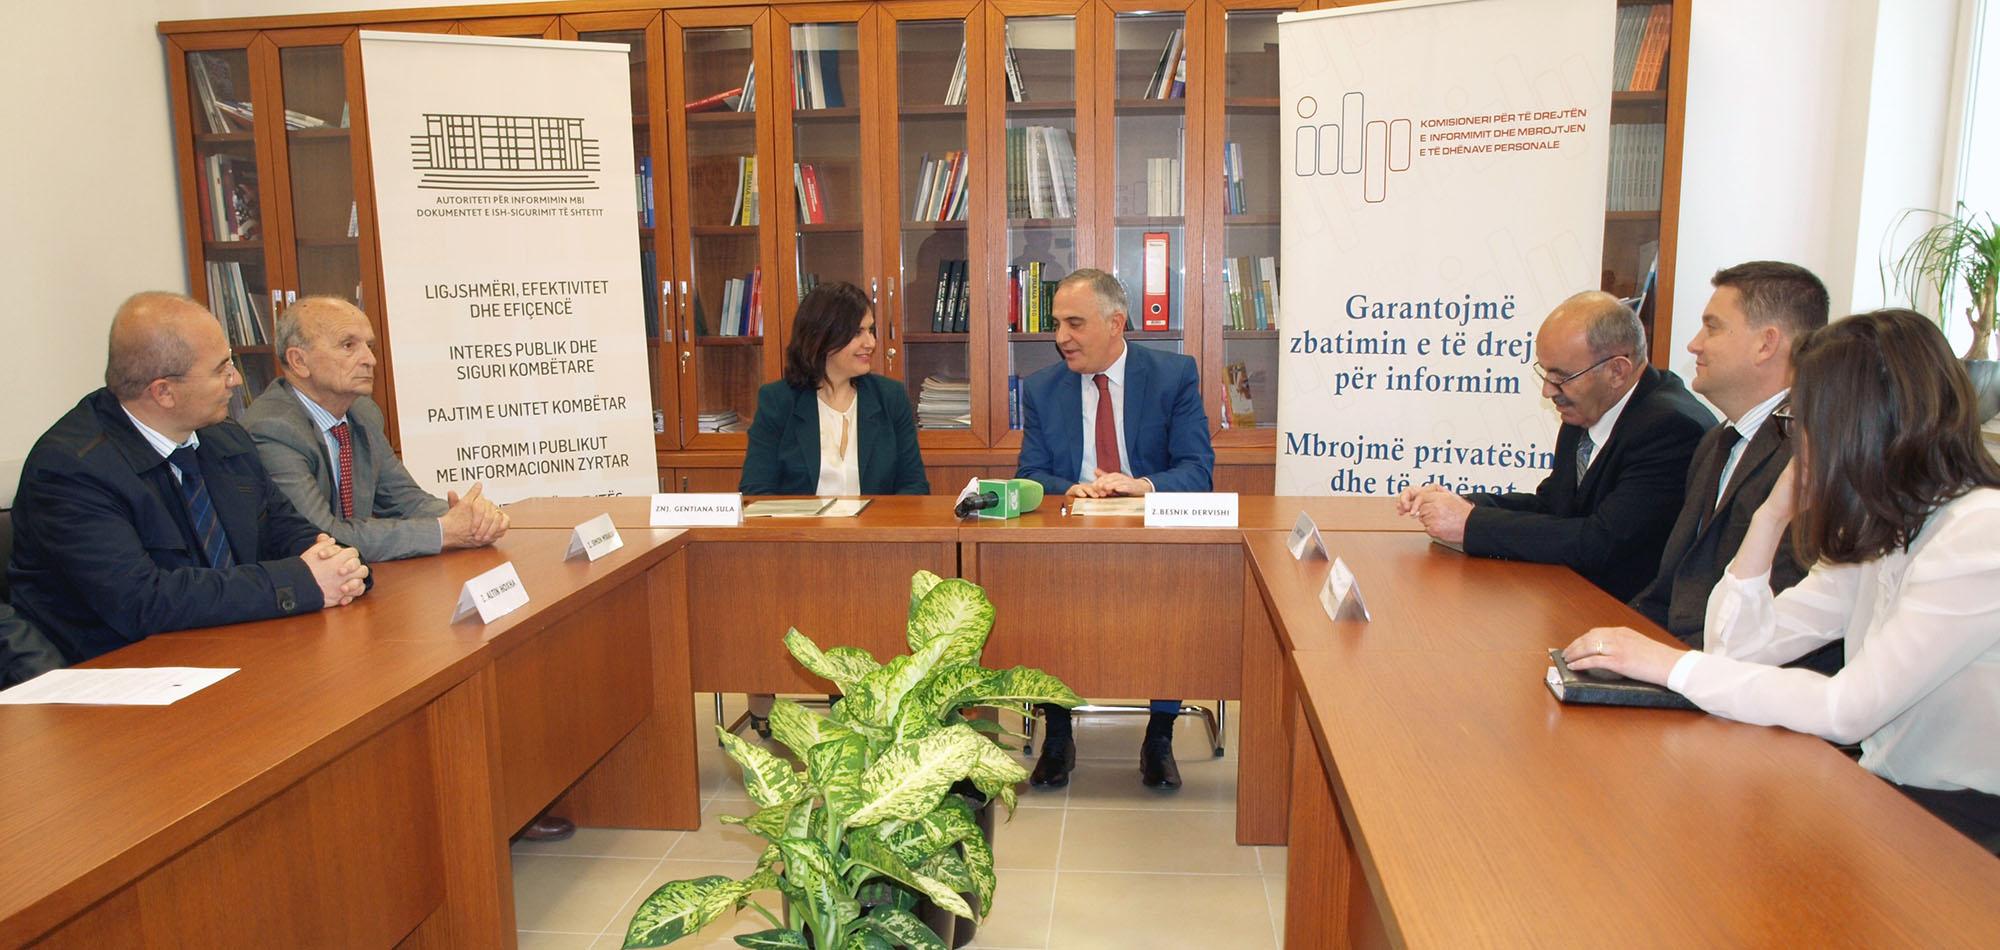 Zyra e Komisionerit marrëveshje bashkëpunimi me Autoritetin për Informimin mbi Dokumentet e Ish Sigurimit të Shtetit